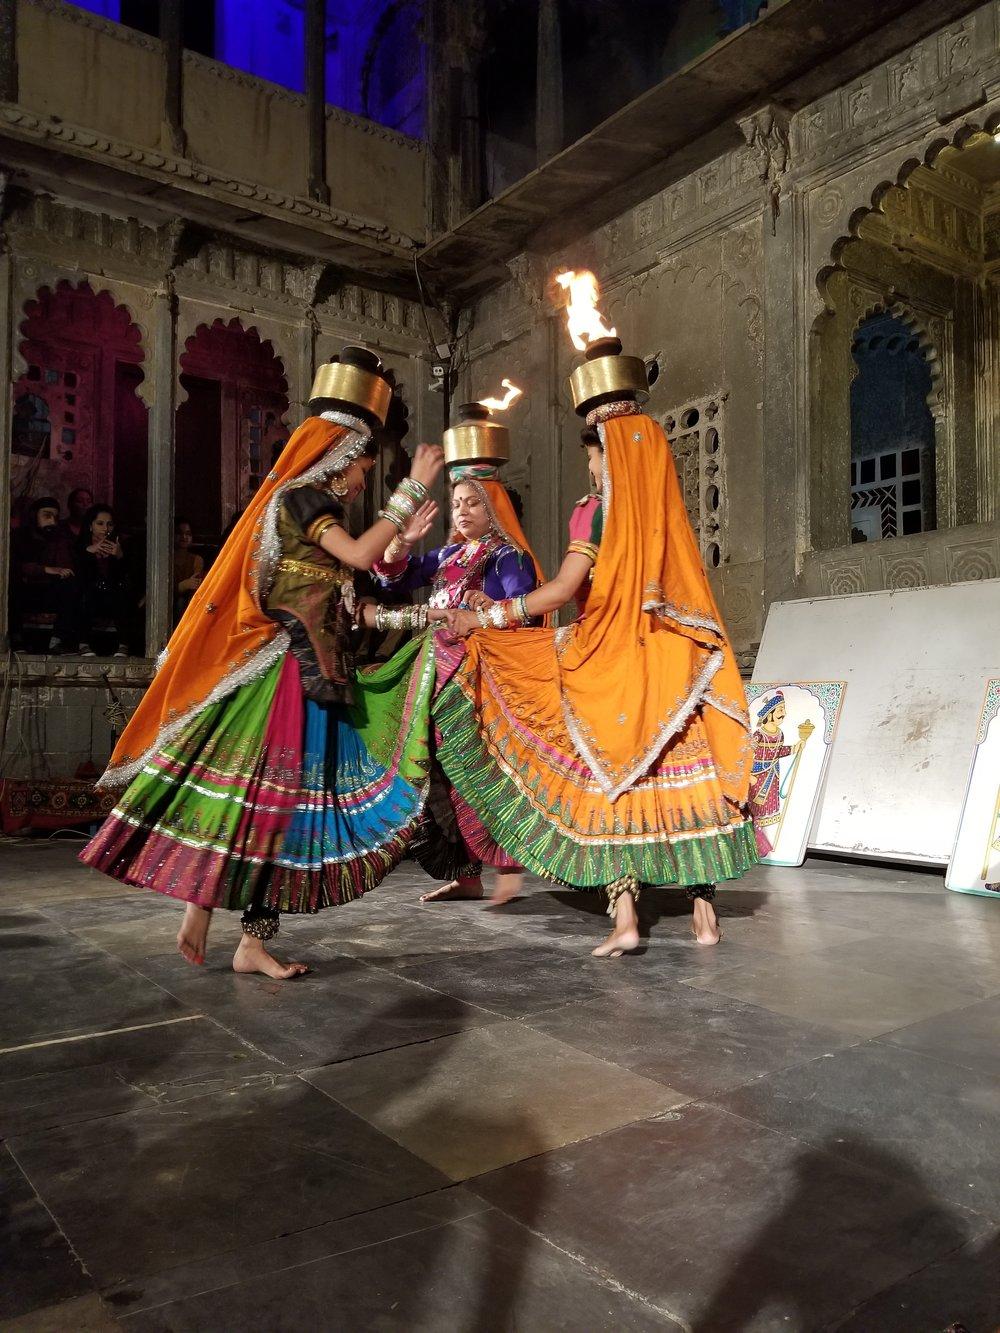 cultural show at Bagore Ki Haveli